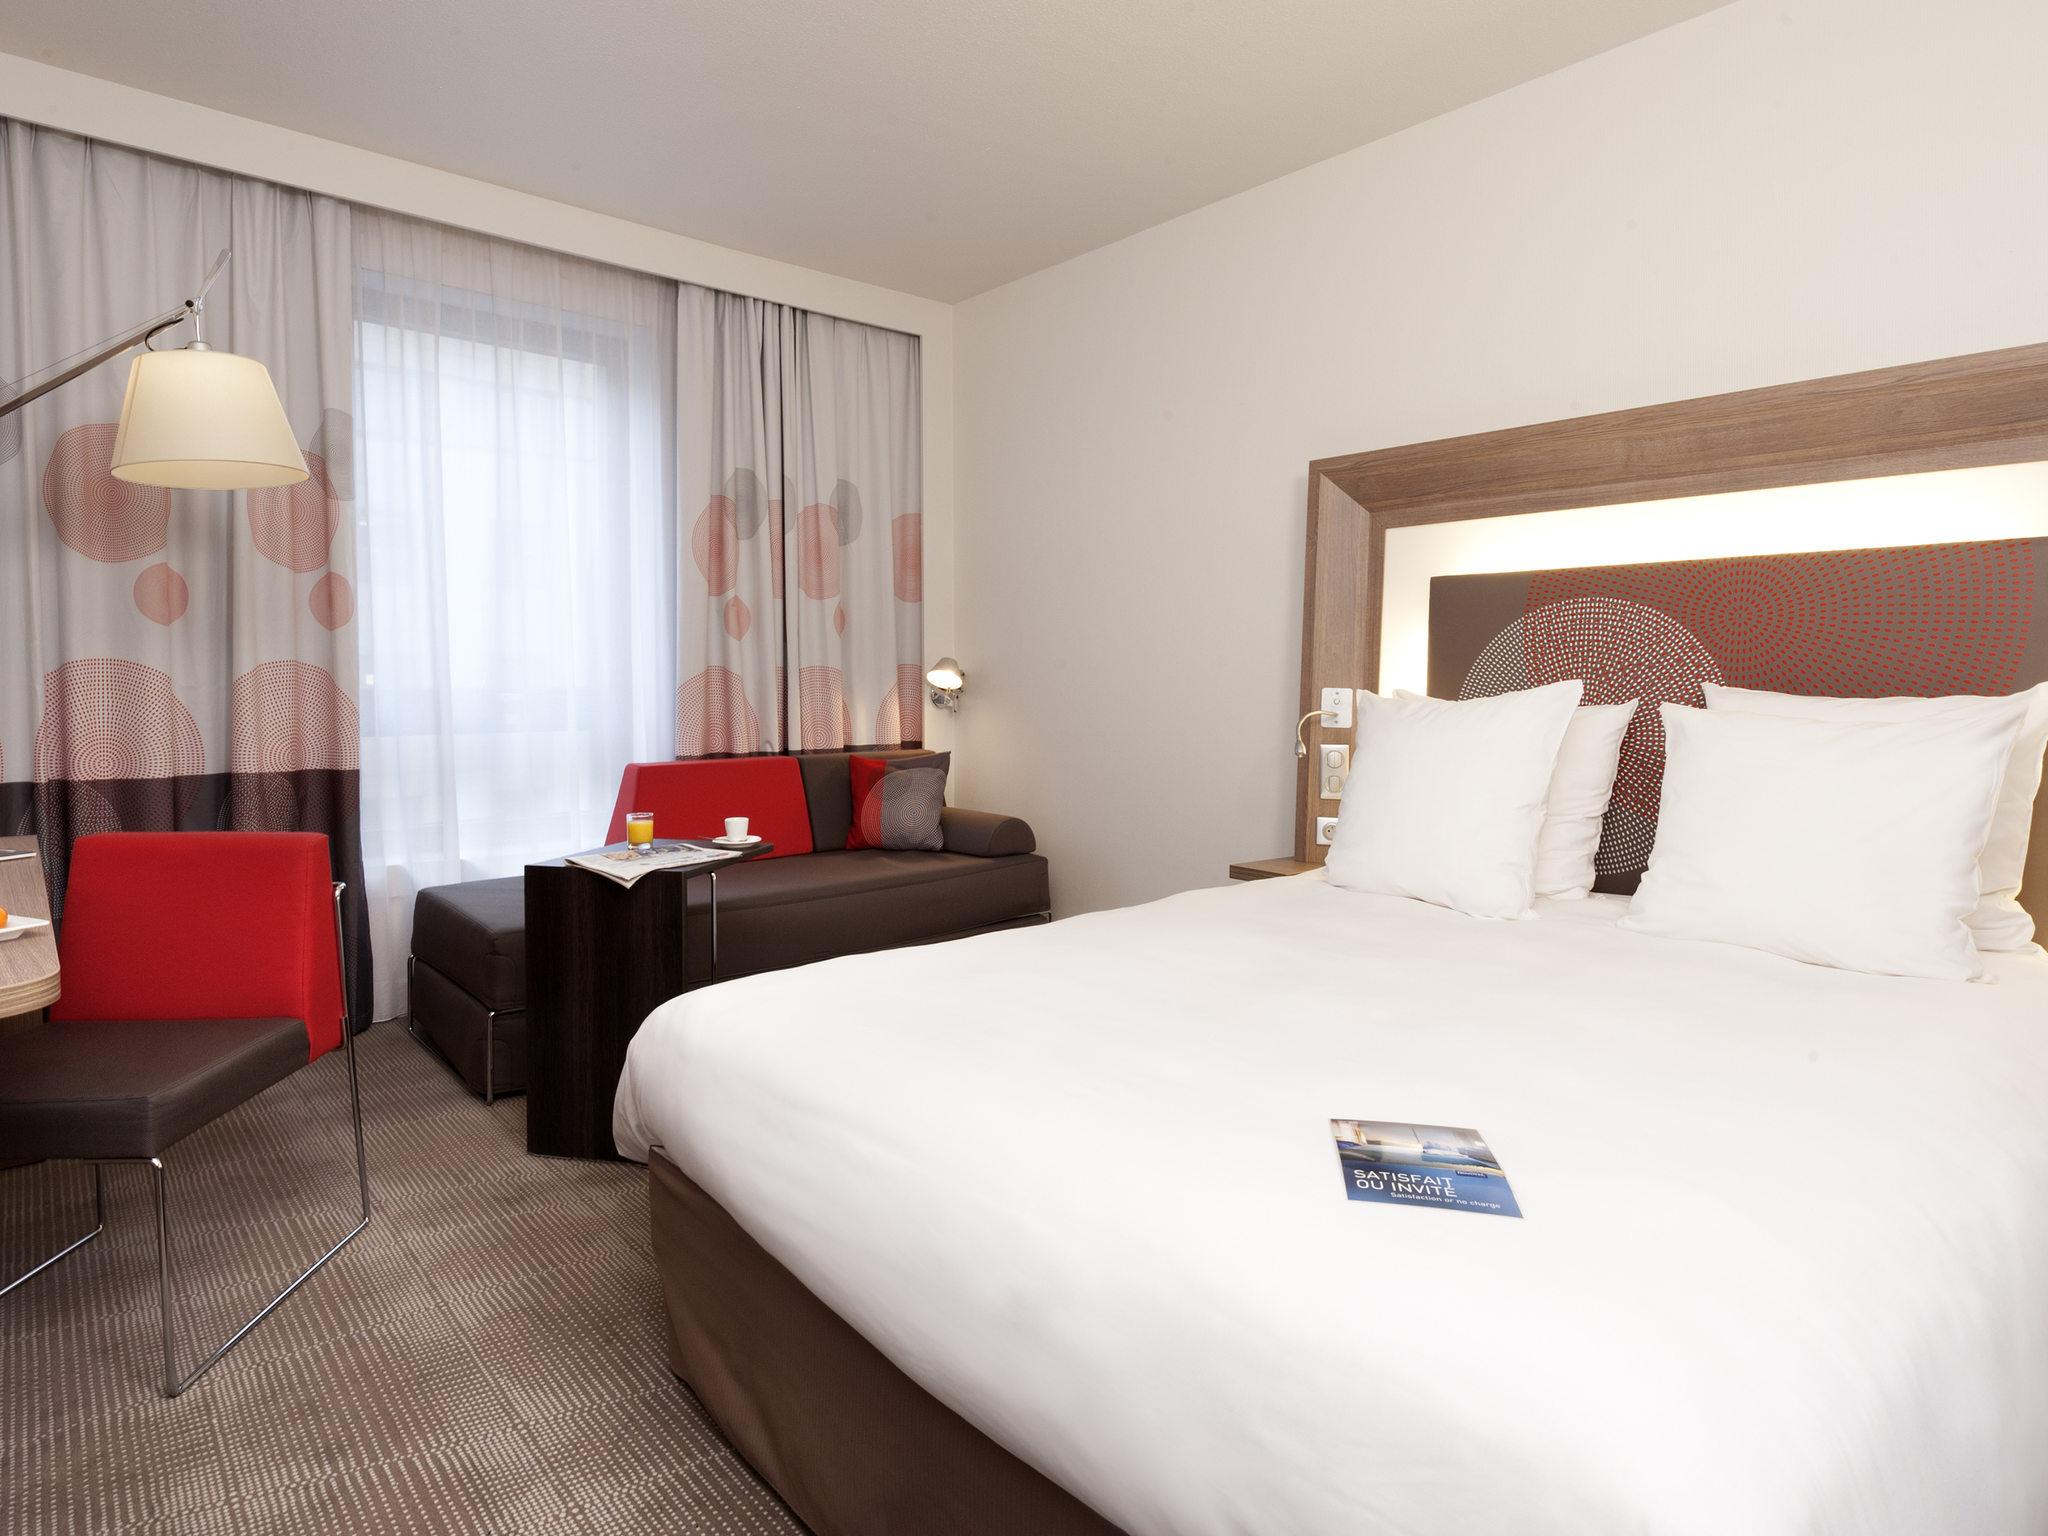 酒店 – 巴黎吕埃尔马尔迈松诺富特酒店